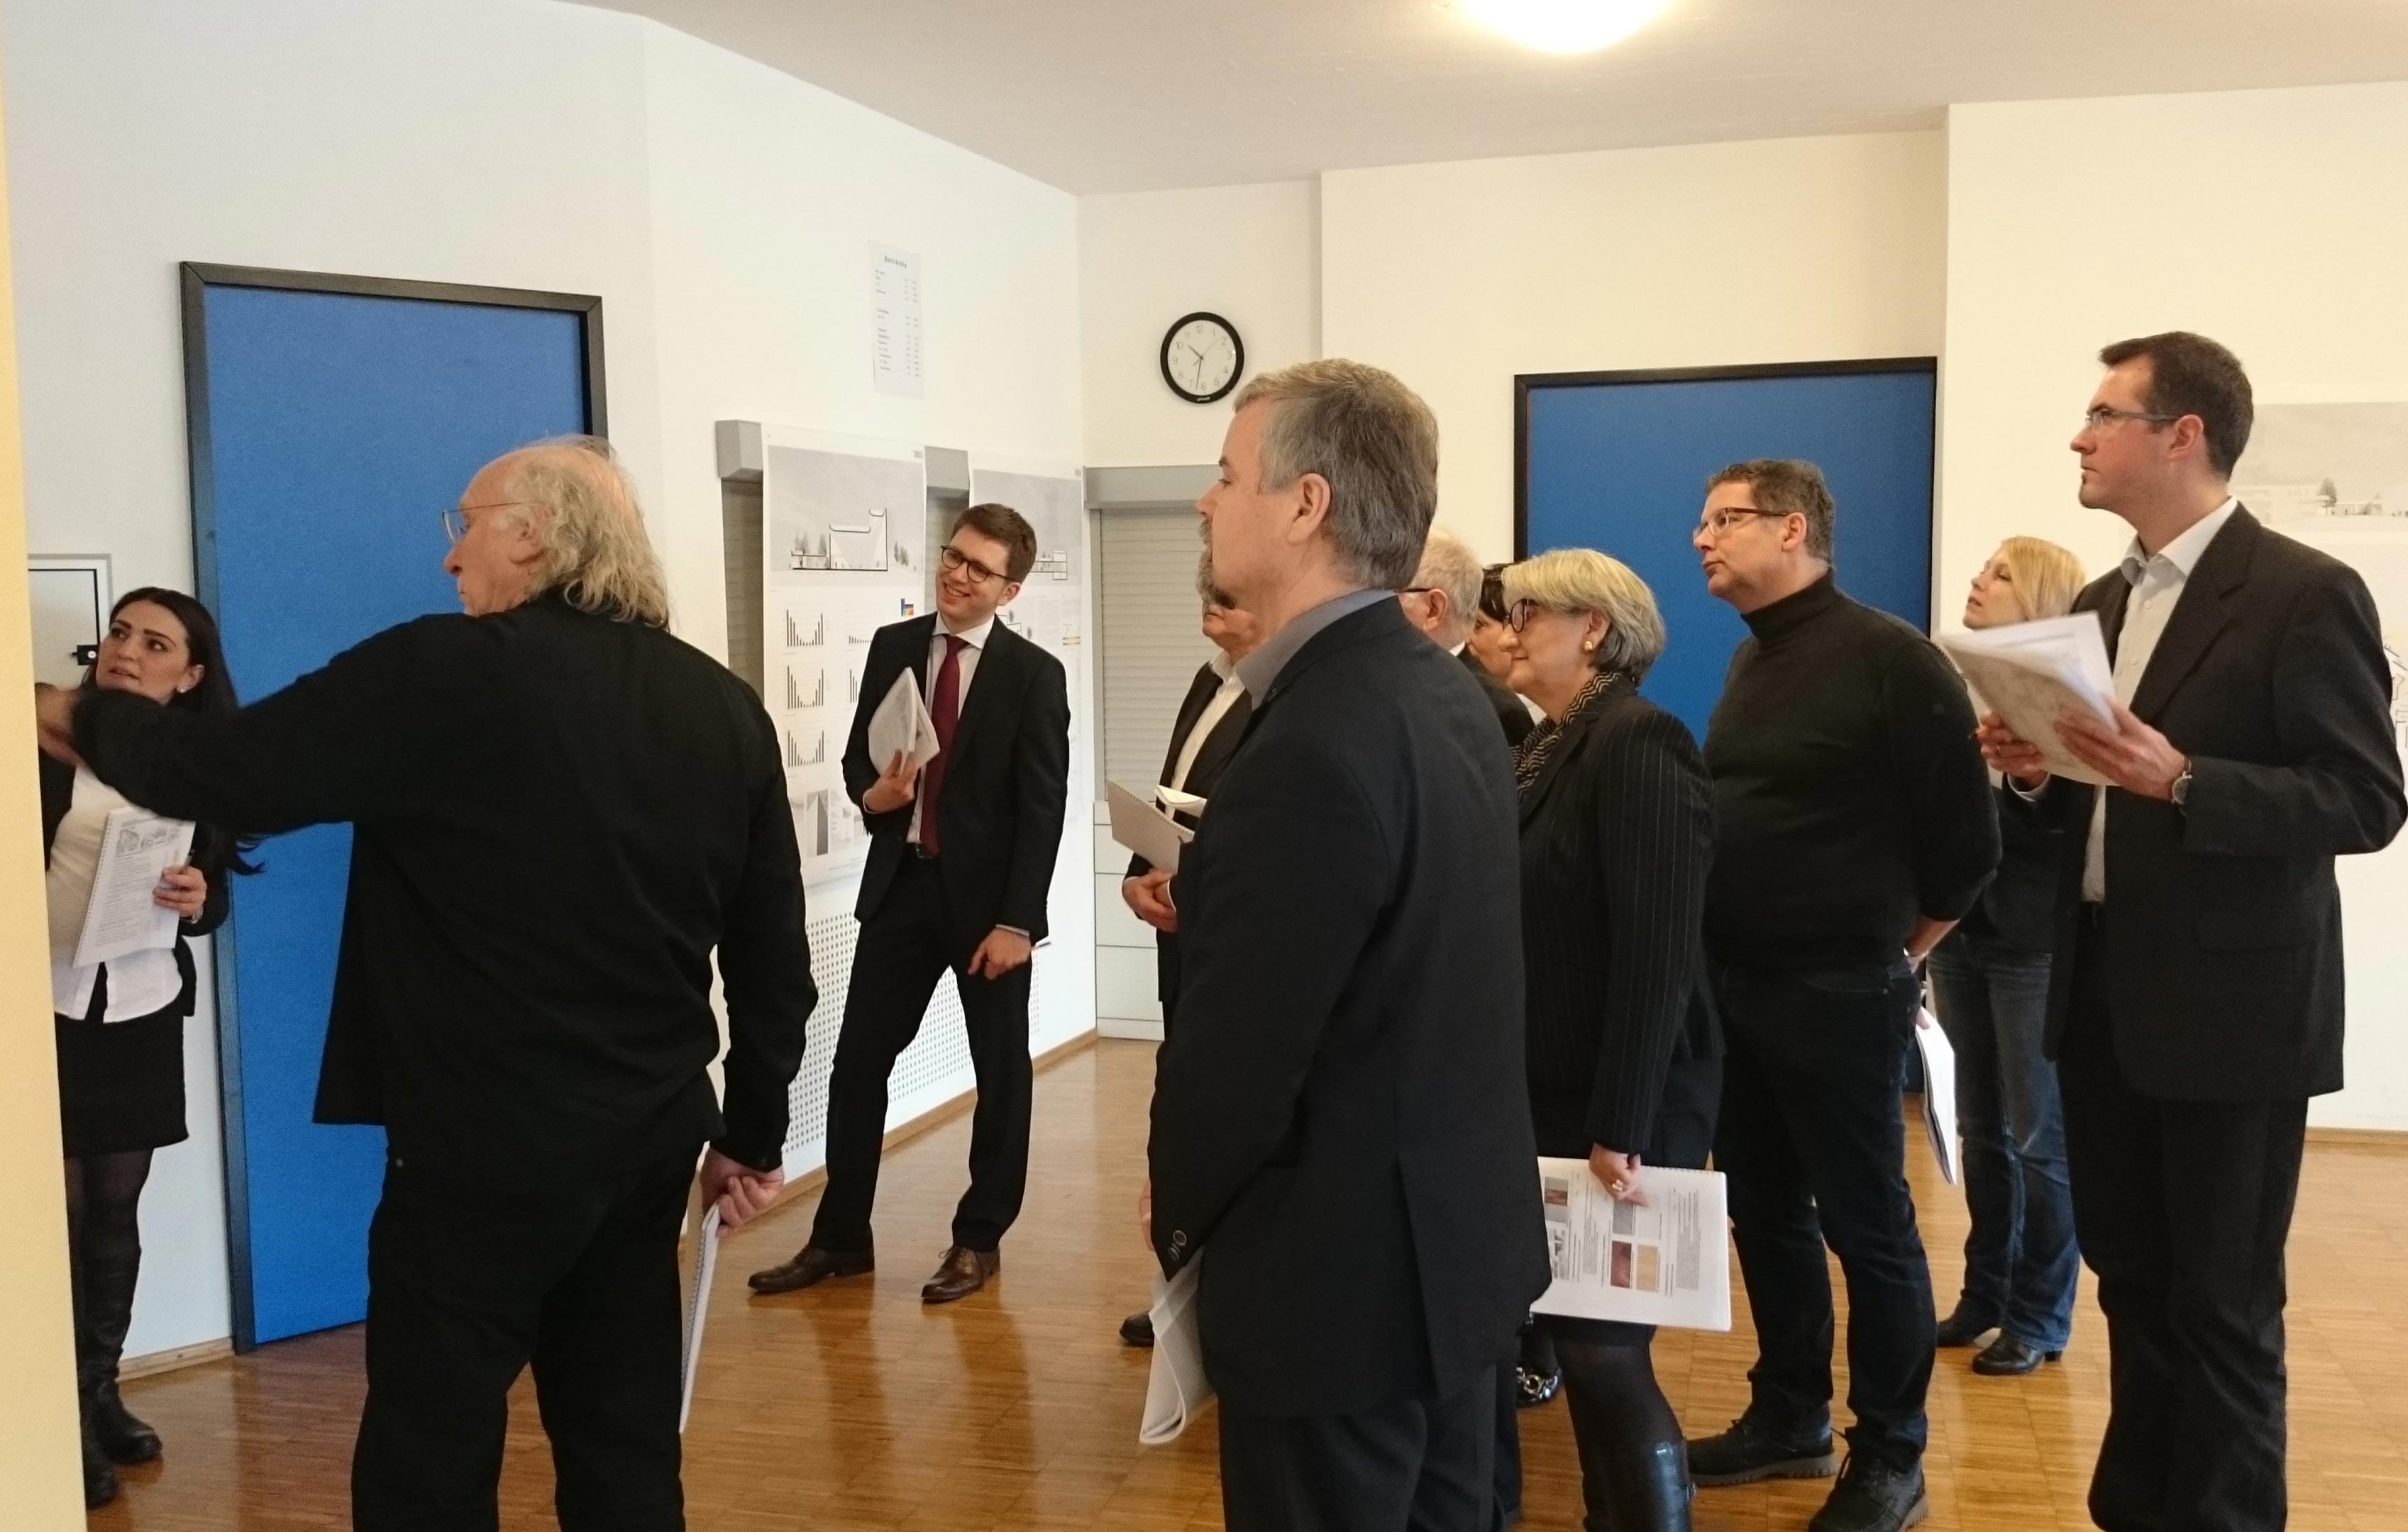 2015, Wettbewerbsbetreuung St. Maria, Aalen